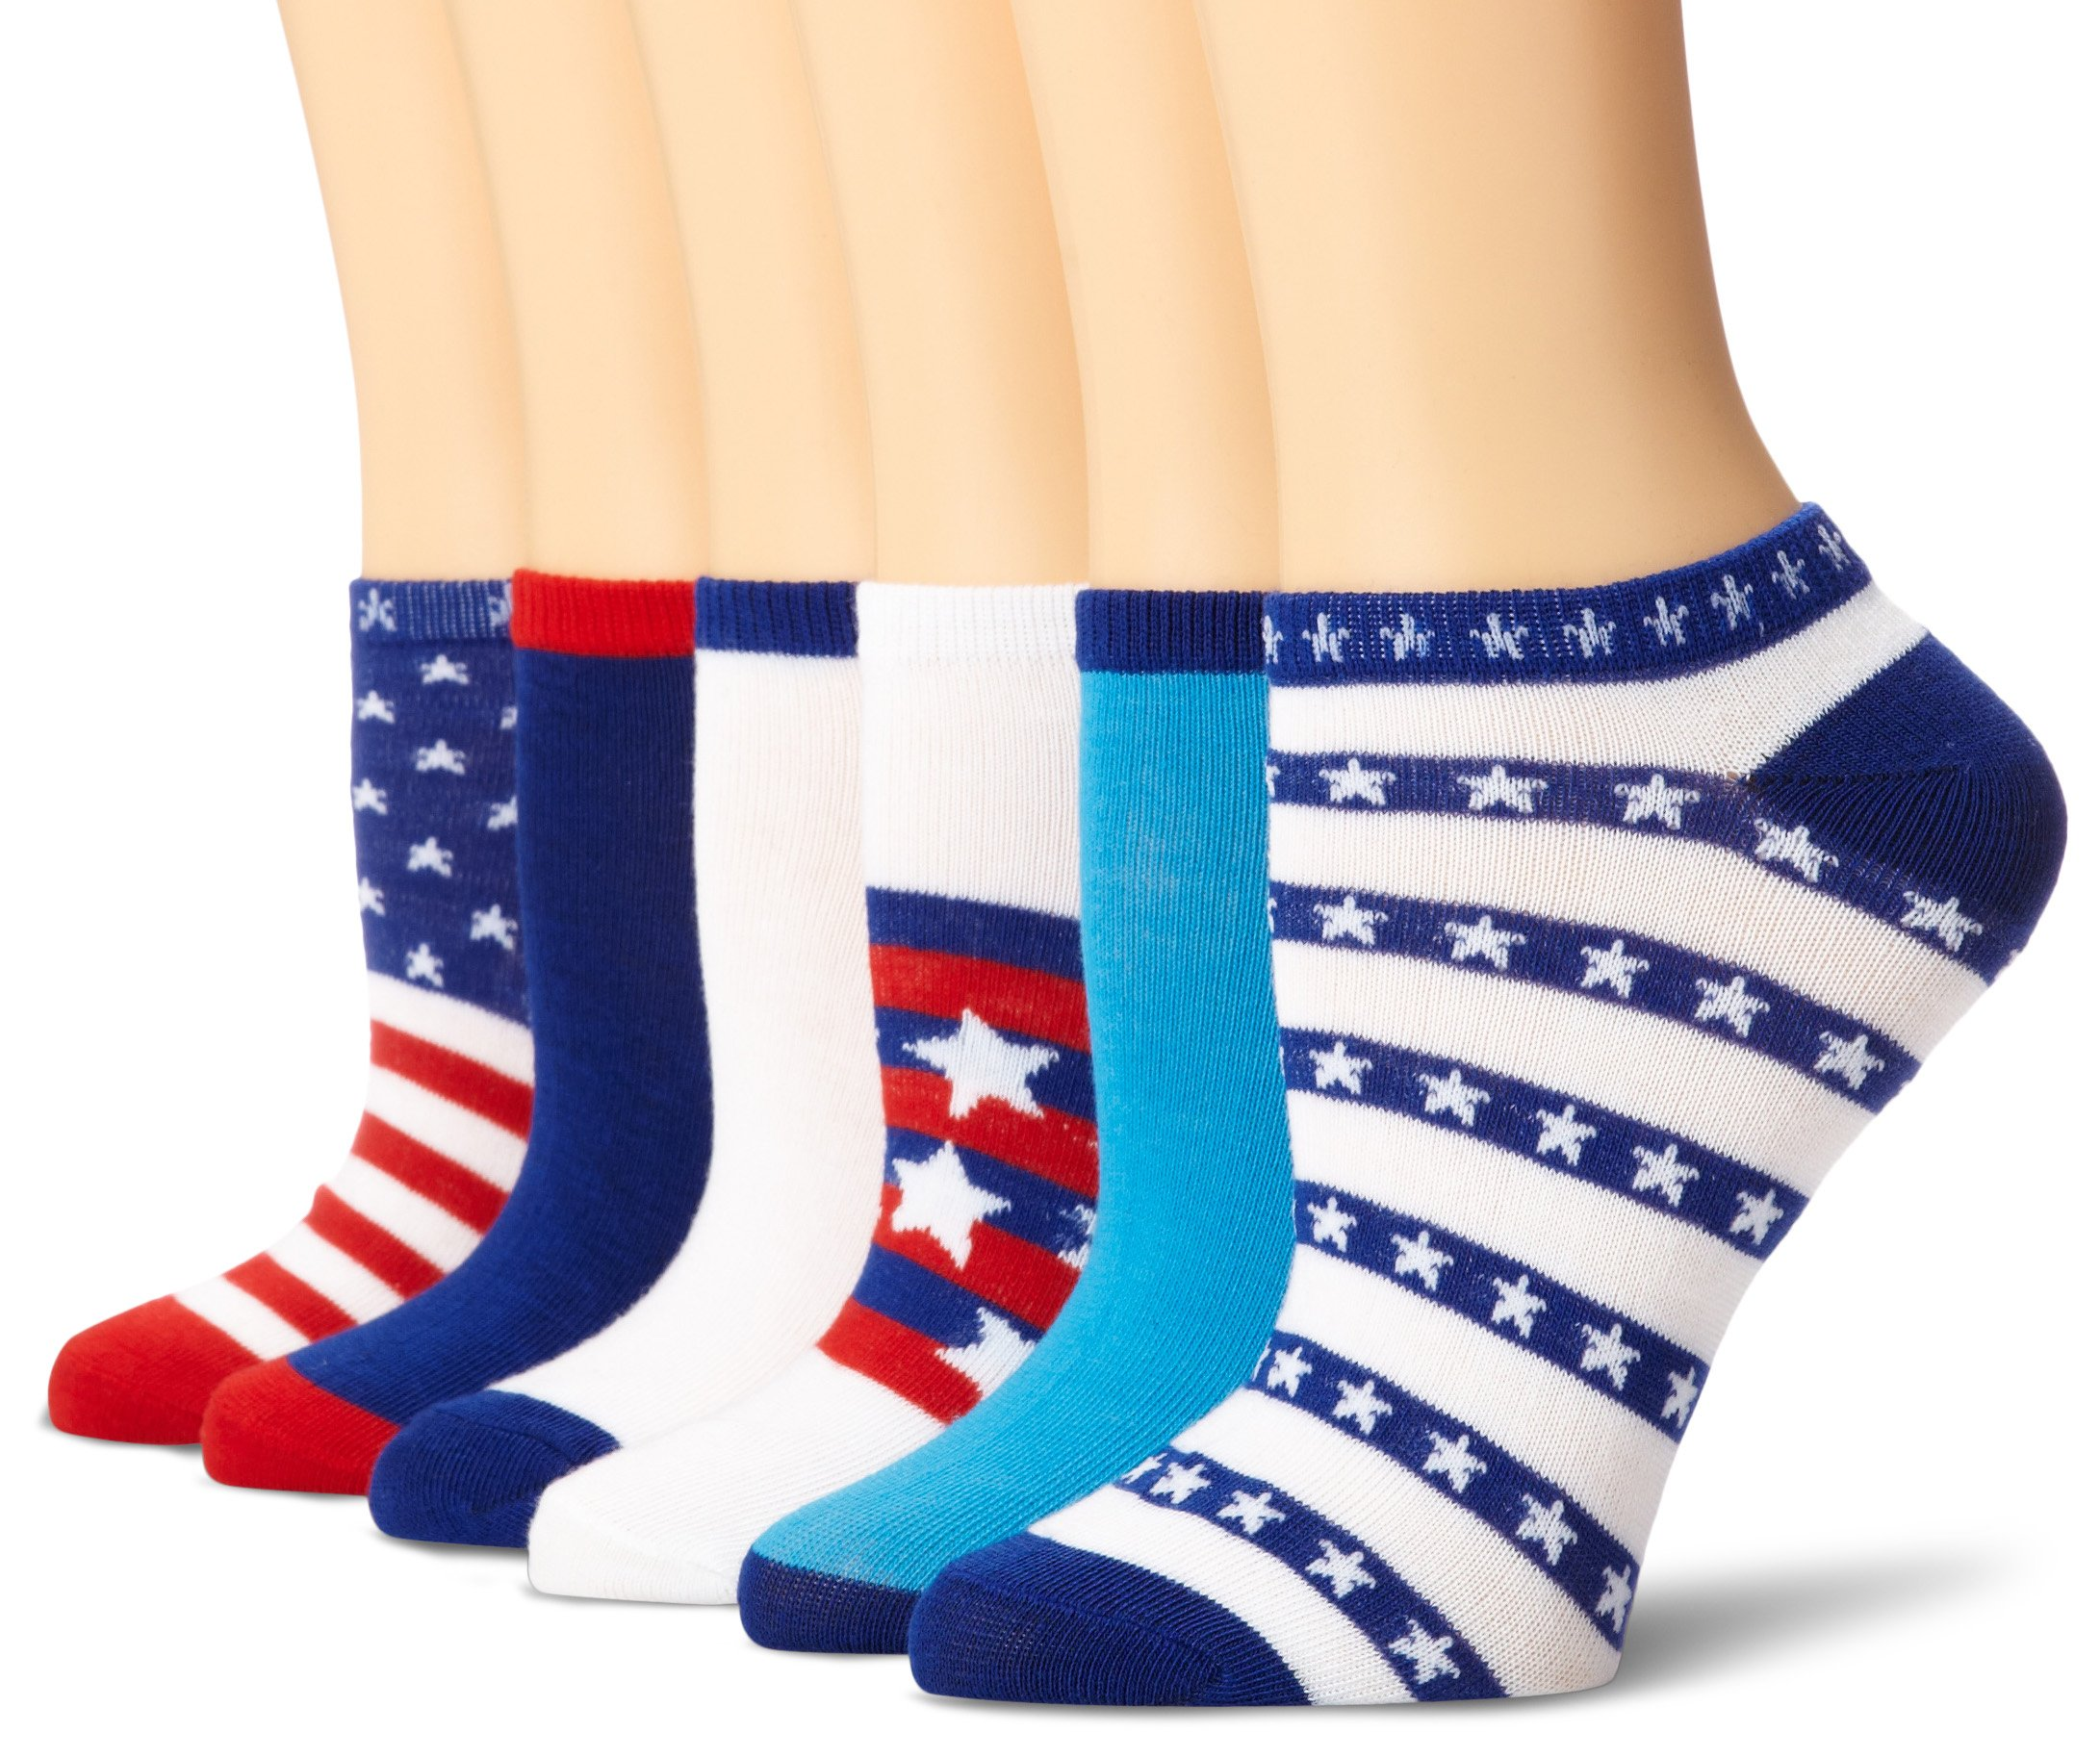 K. Bell Women's 6 Pack Novelty Crew Socks, Americana, 9-11 by K. Bell Socks